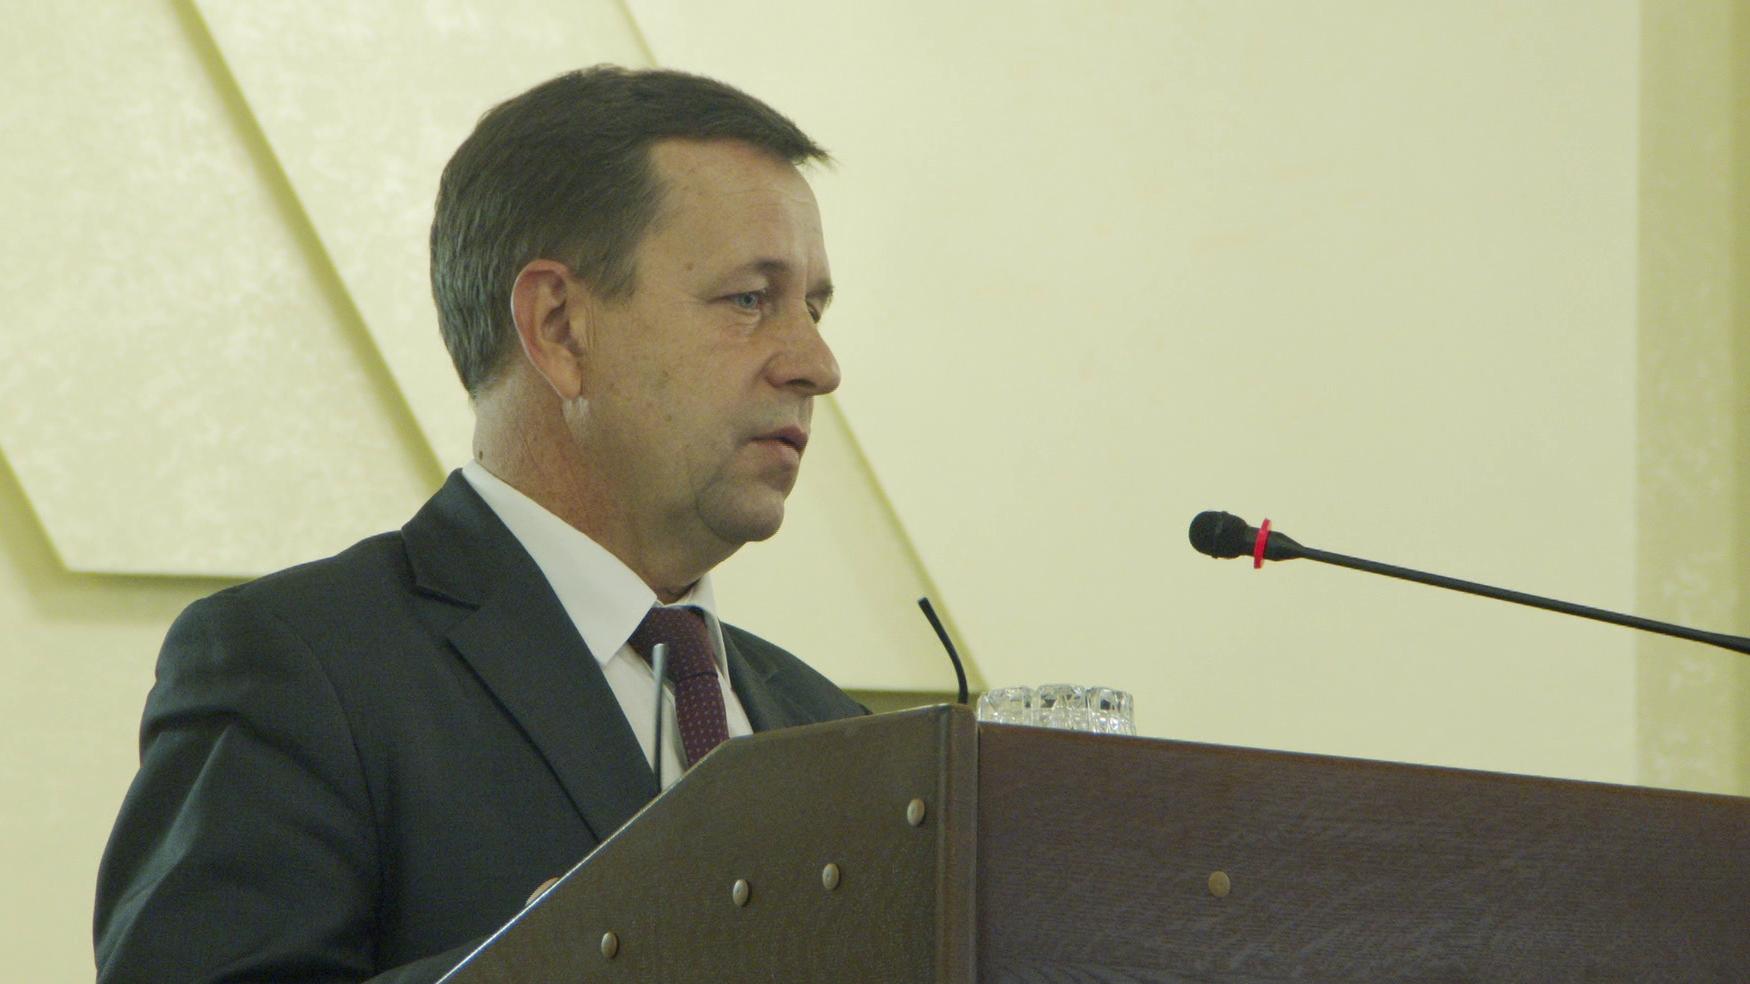 senkevich - Штаб по противодействию COVID-19 возобновил работу в Витебске (видео)